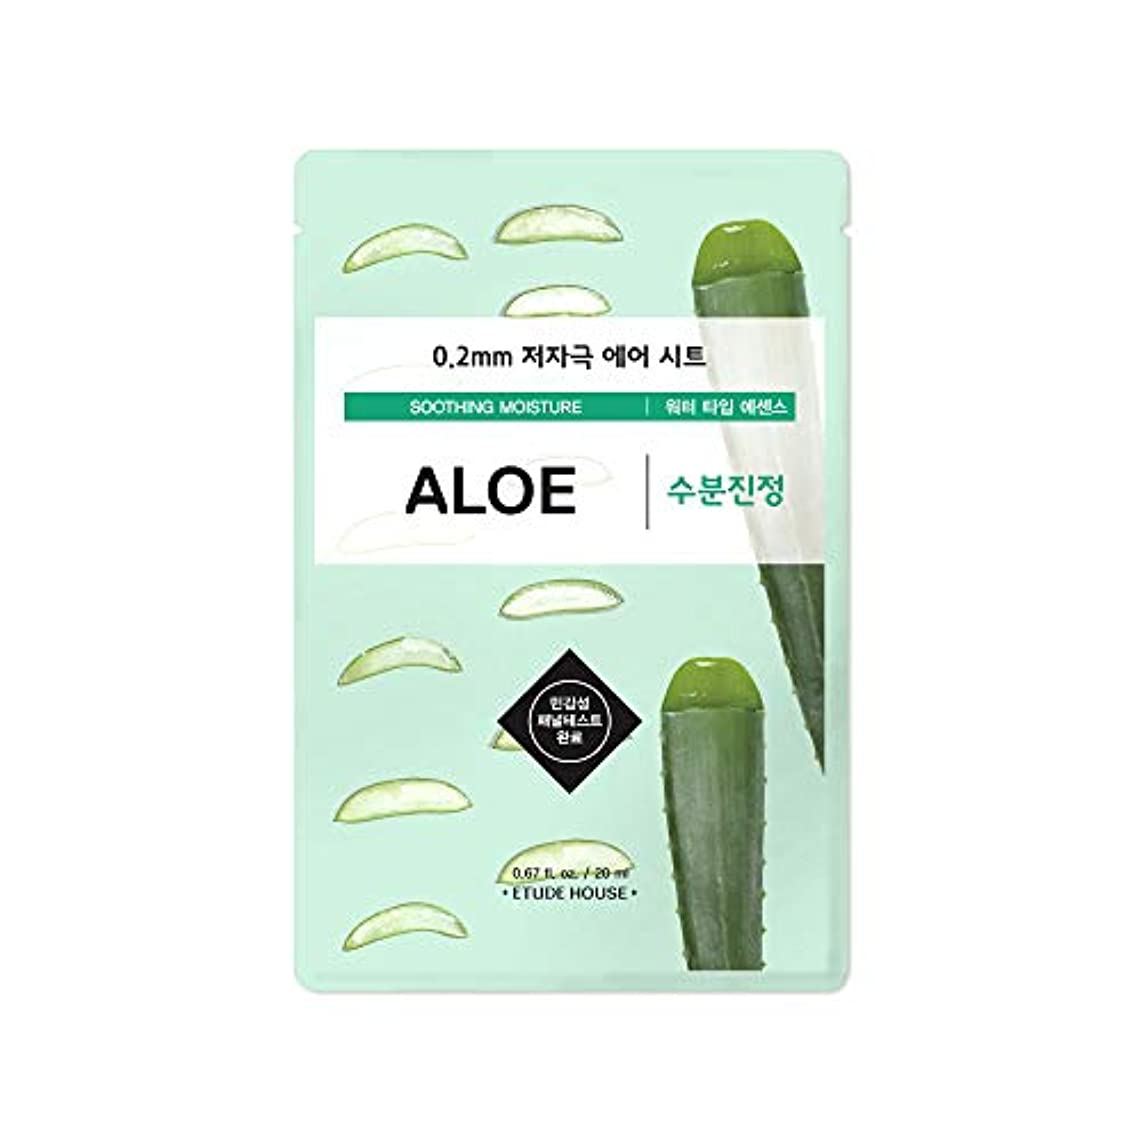 バナー世辞写真を描くETUDE HOUSE 0.2 Therapy Air Mask 20ml×10ea (#01 Aloe)/エチュードハウス 0.2 セラピー エア マスク 20ml×10枚 (#01 Aloe)